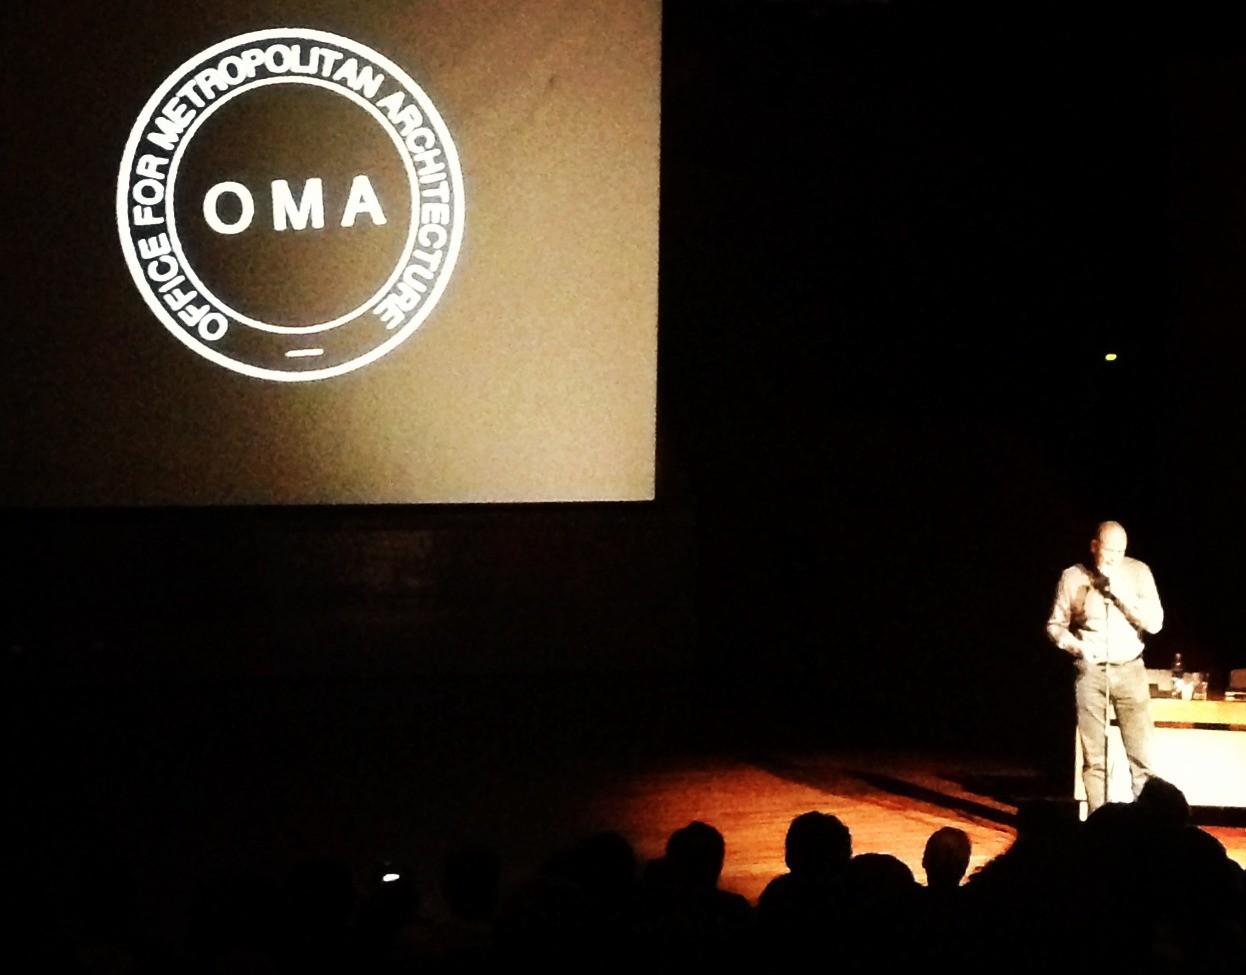 Charla Reinier de Graaf , partner de OMA y director de AMO